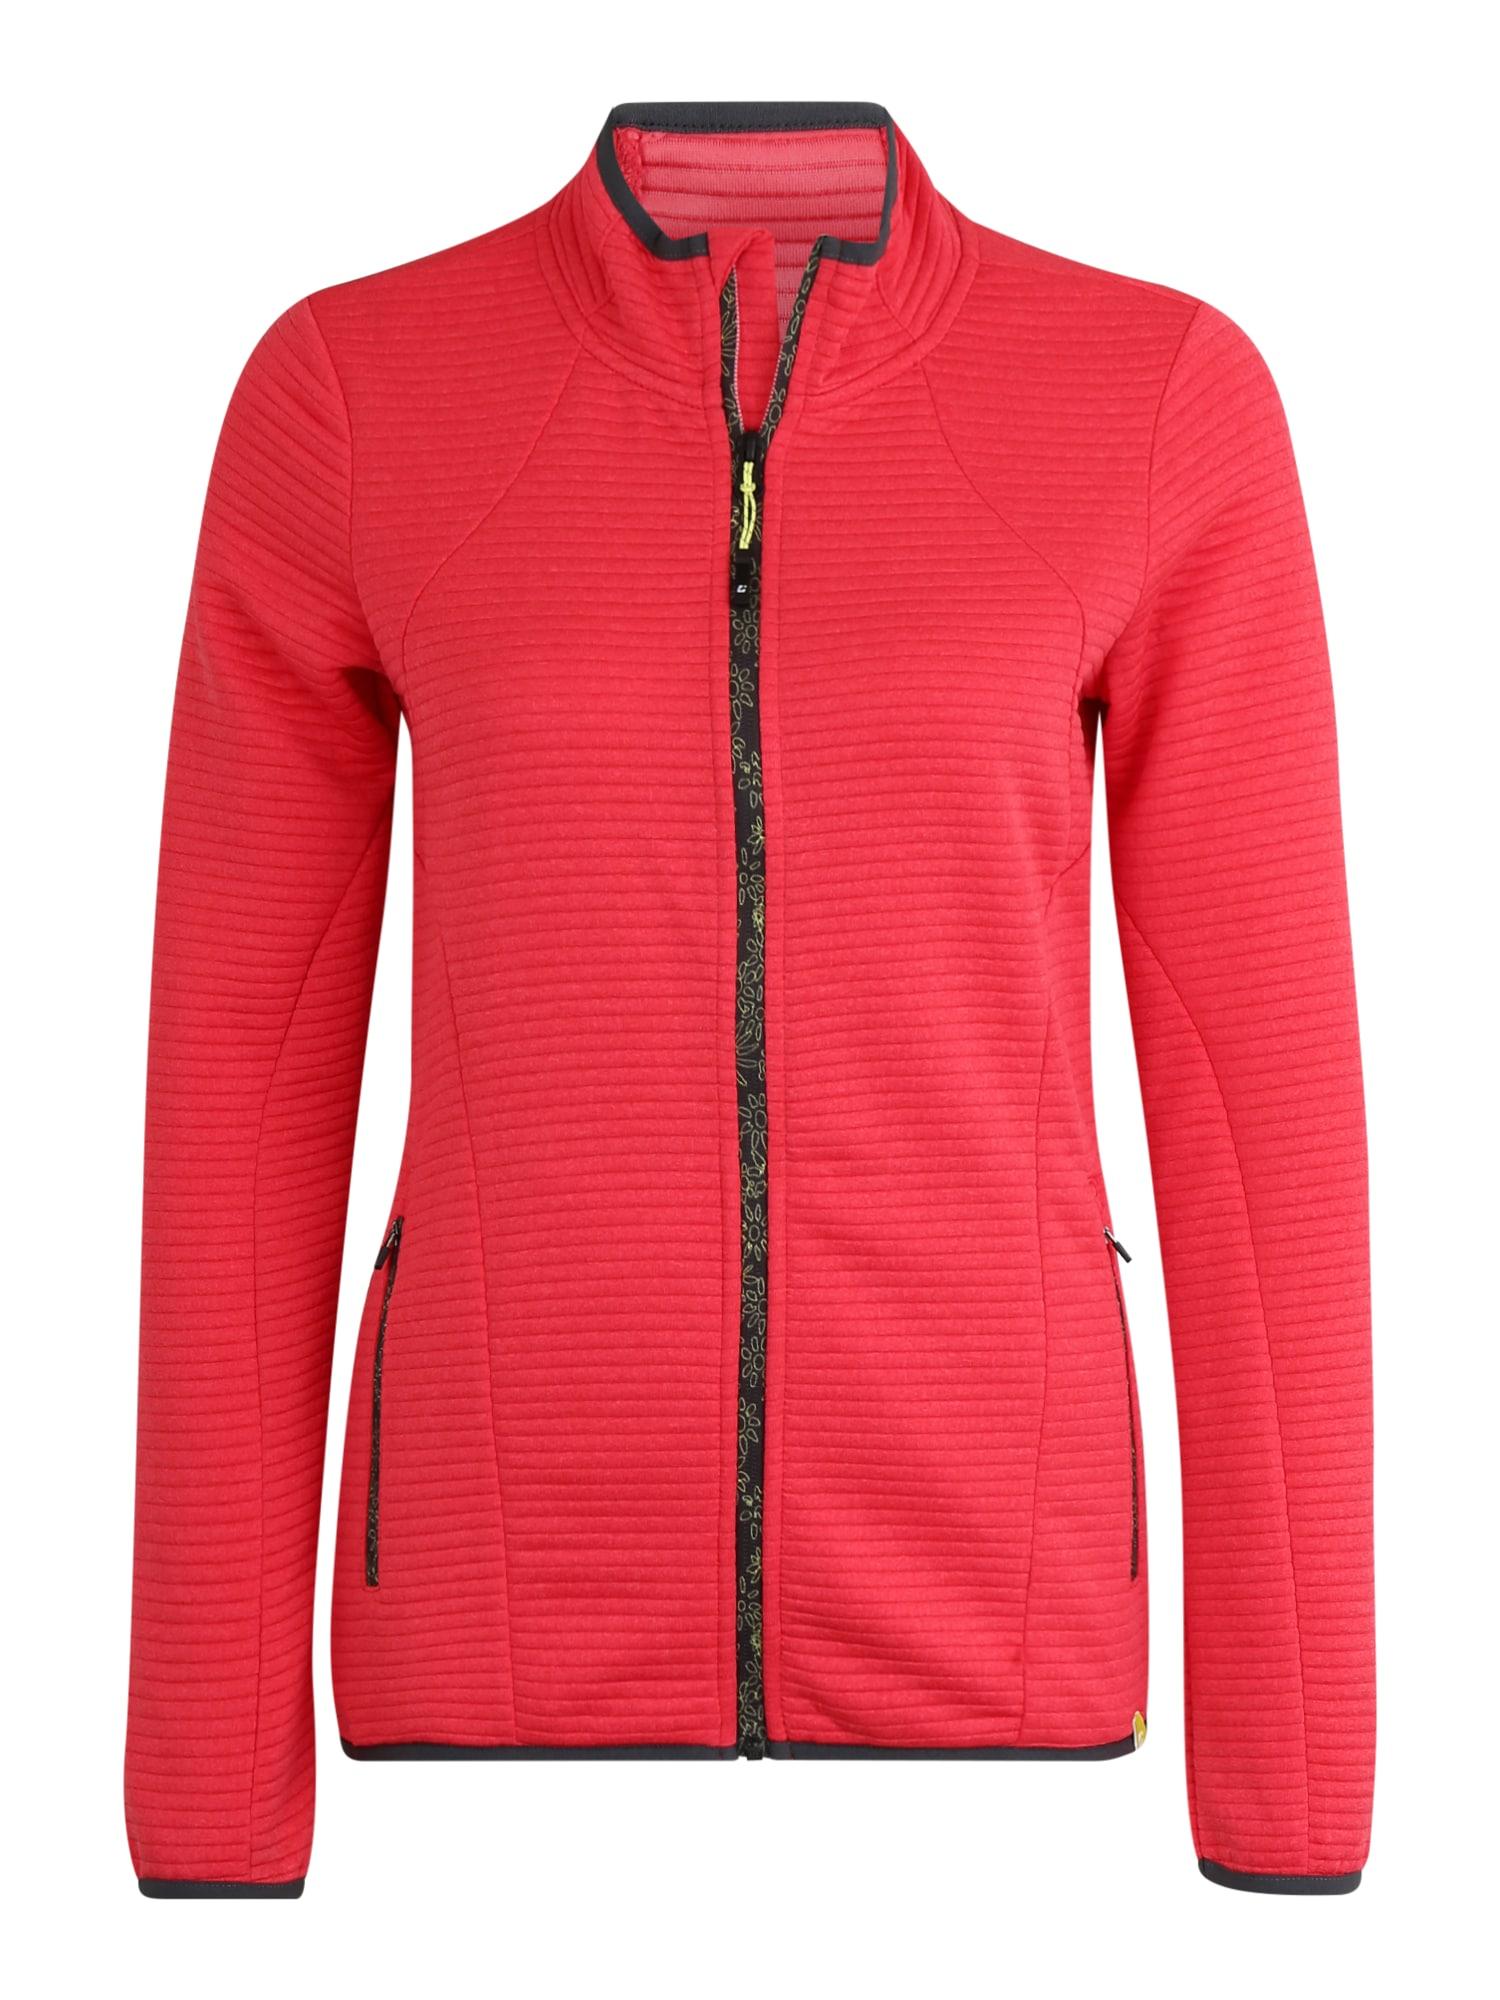 KILLTEC Sportinio tipo megztinis 'Vicana' spanguolių spalva